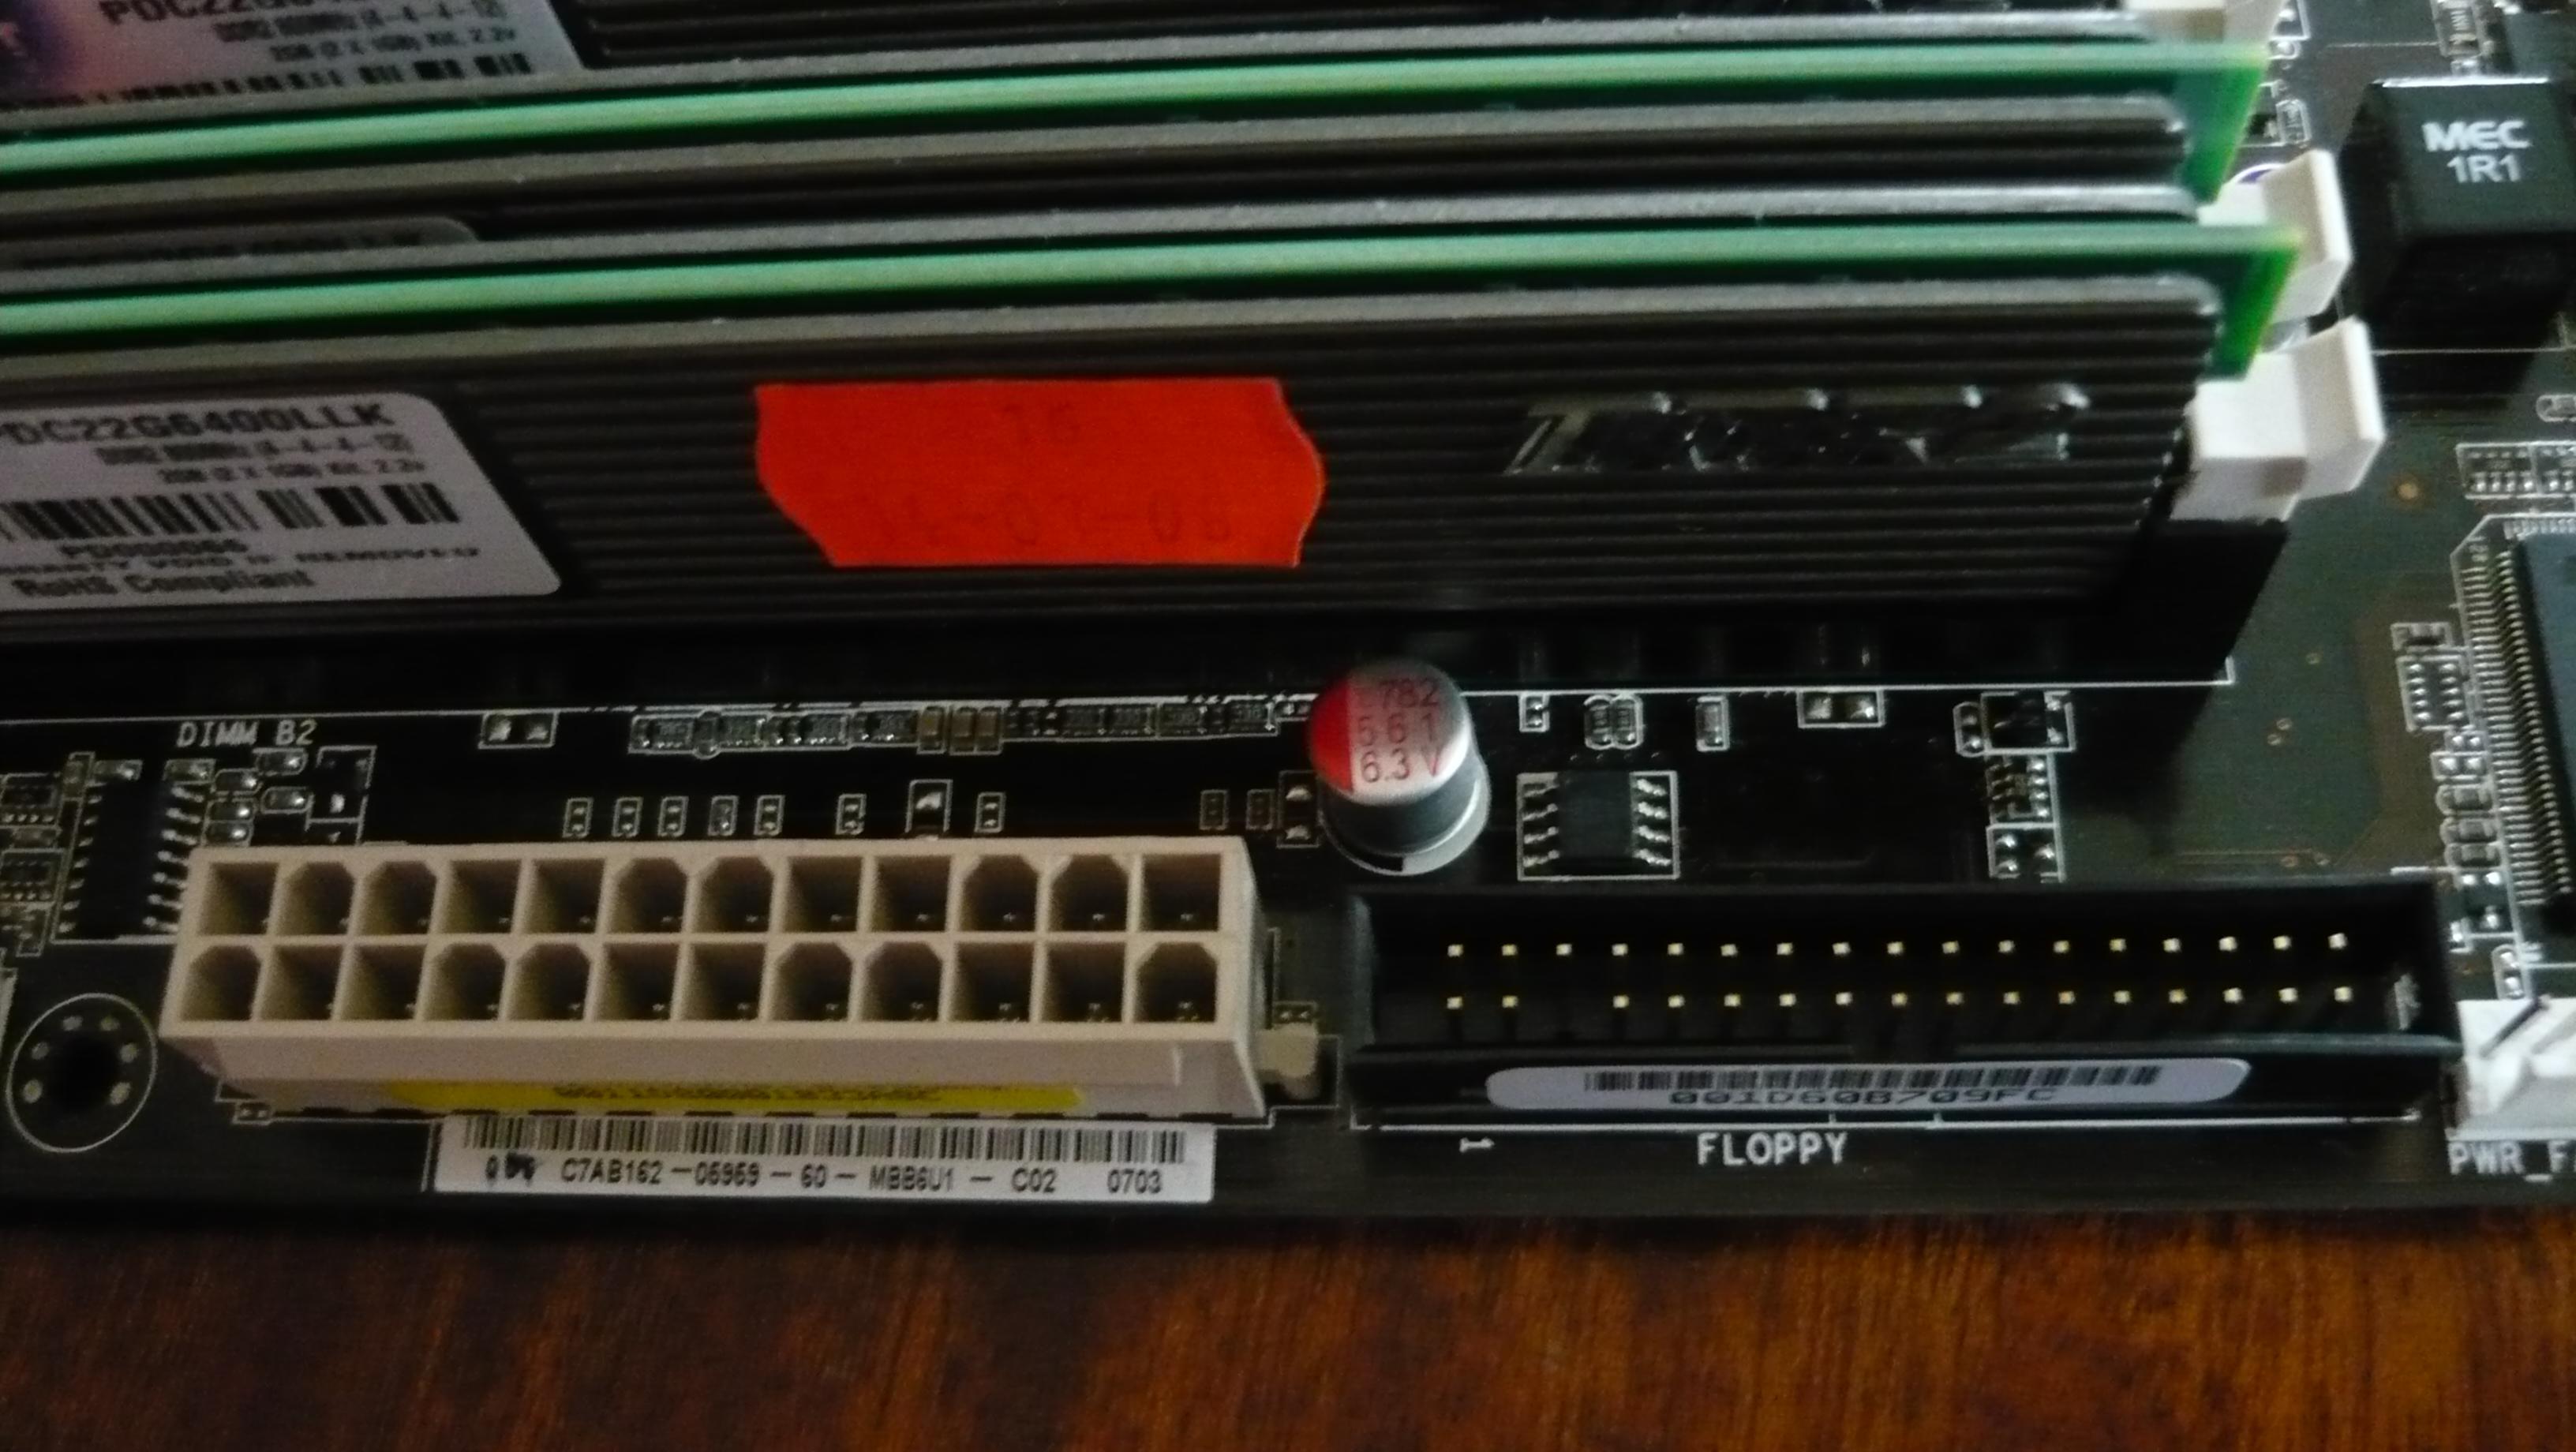 Asus P5K-E - Dzia�a jak chce. Czy to wina wyschni�tych kondensator�w na p�ycie?